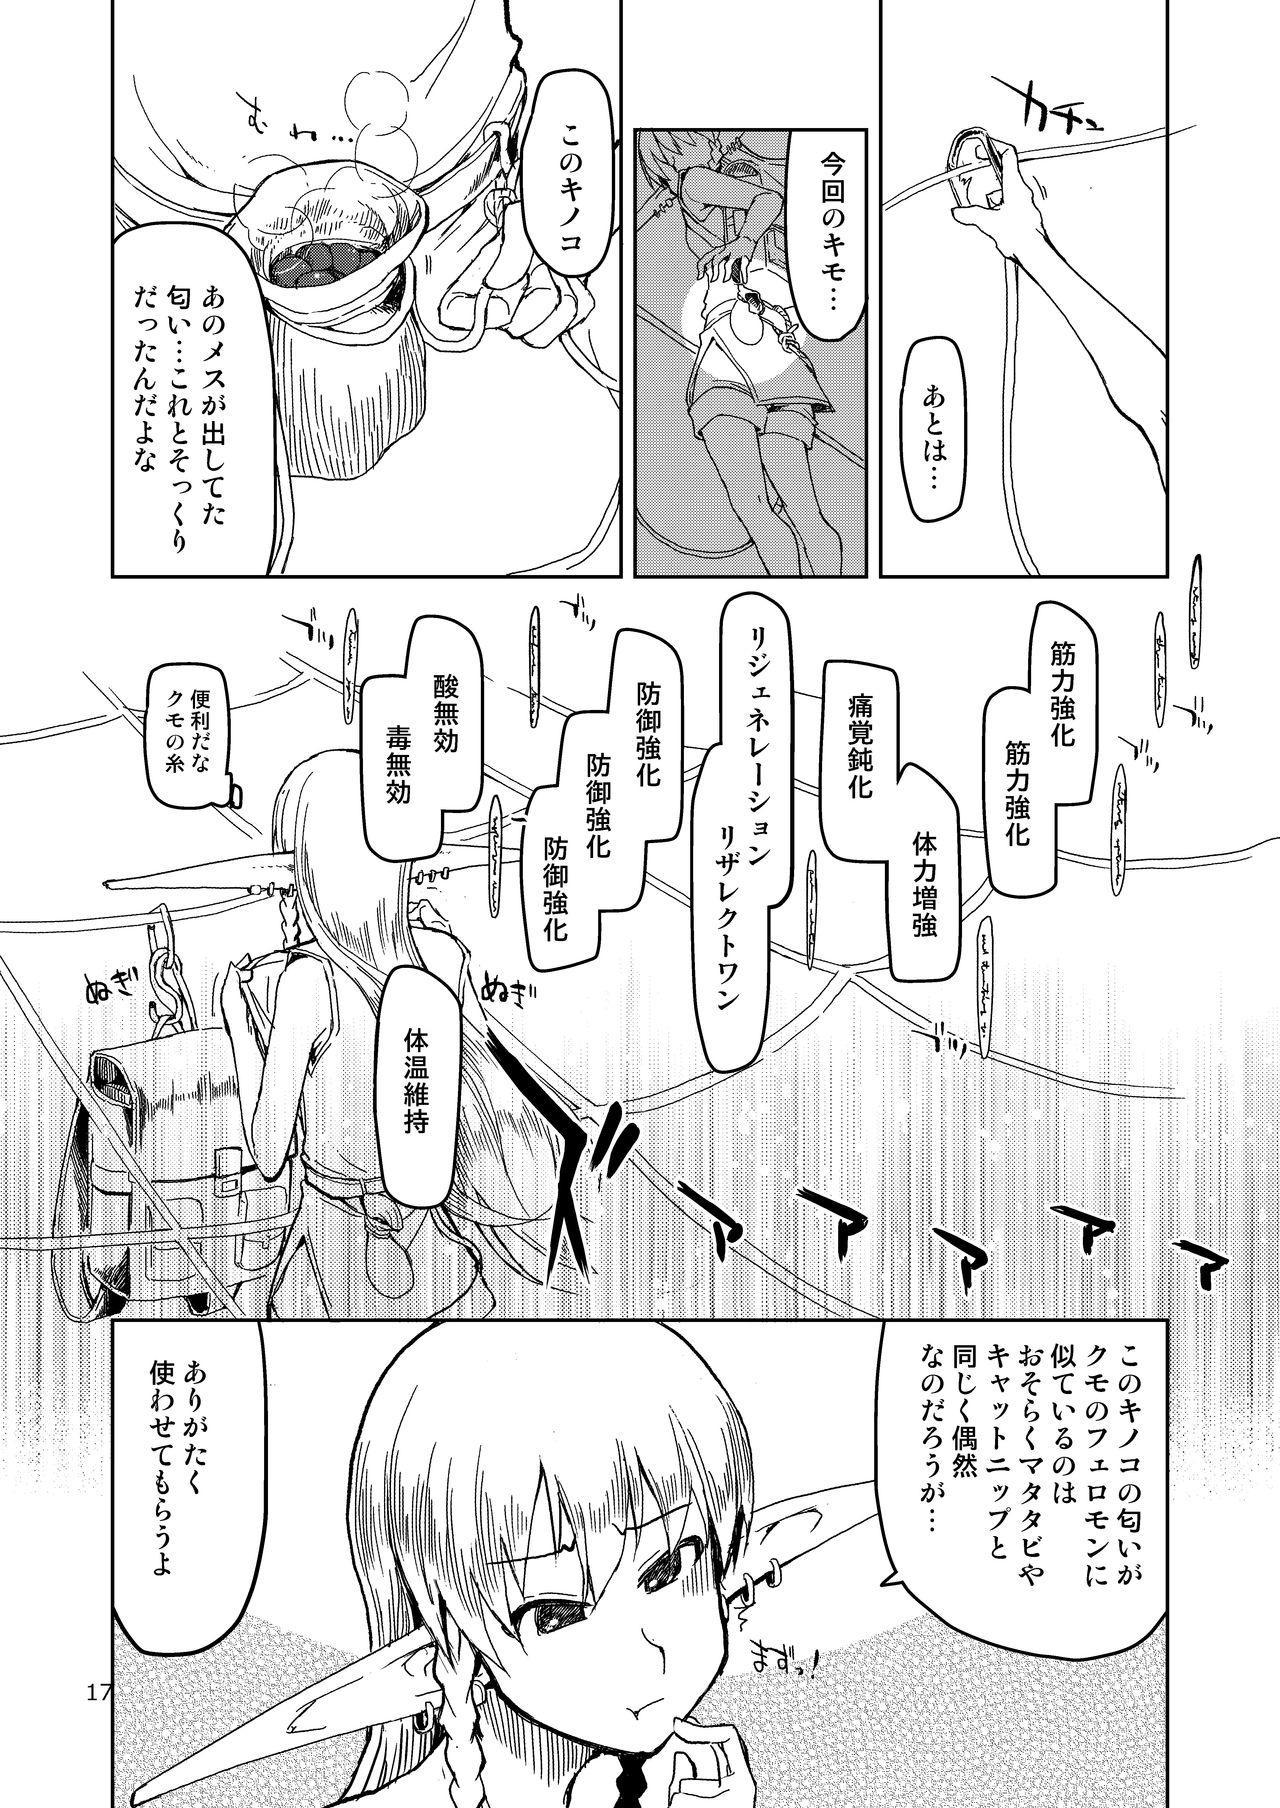 Dosukebe Elf no Ishukan Nikki Matome 2 17